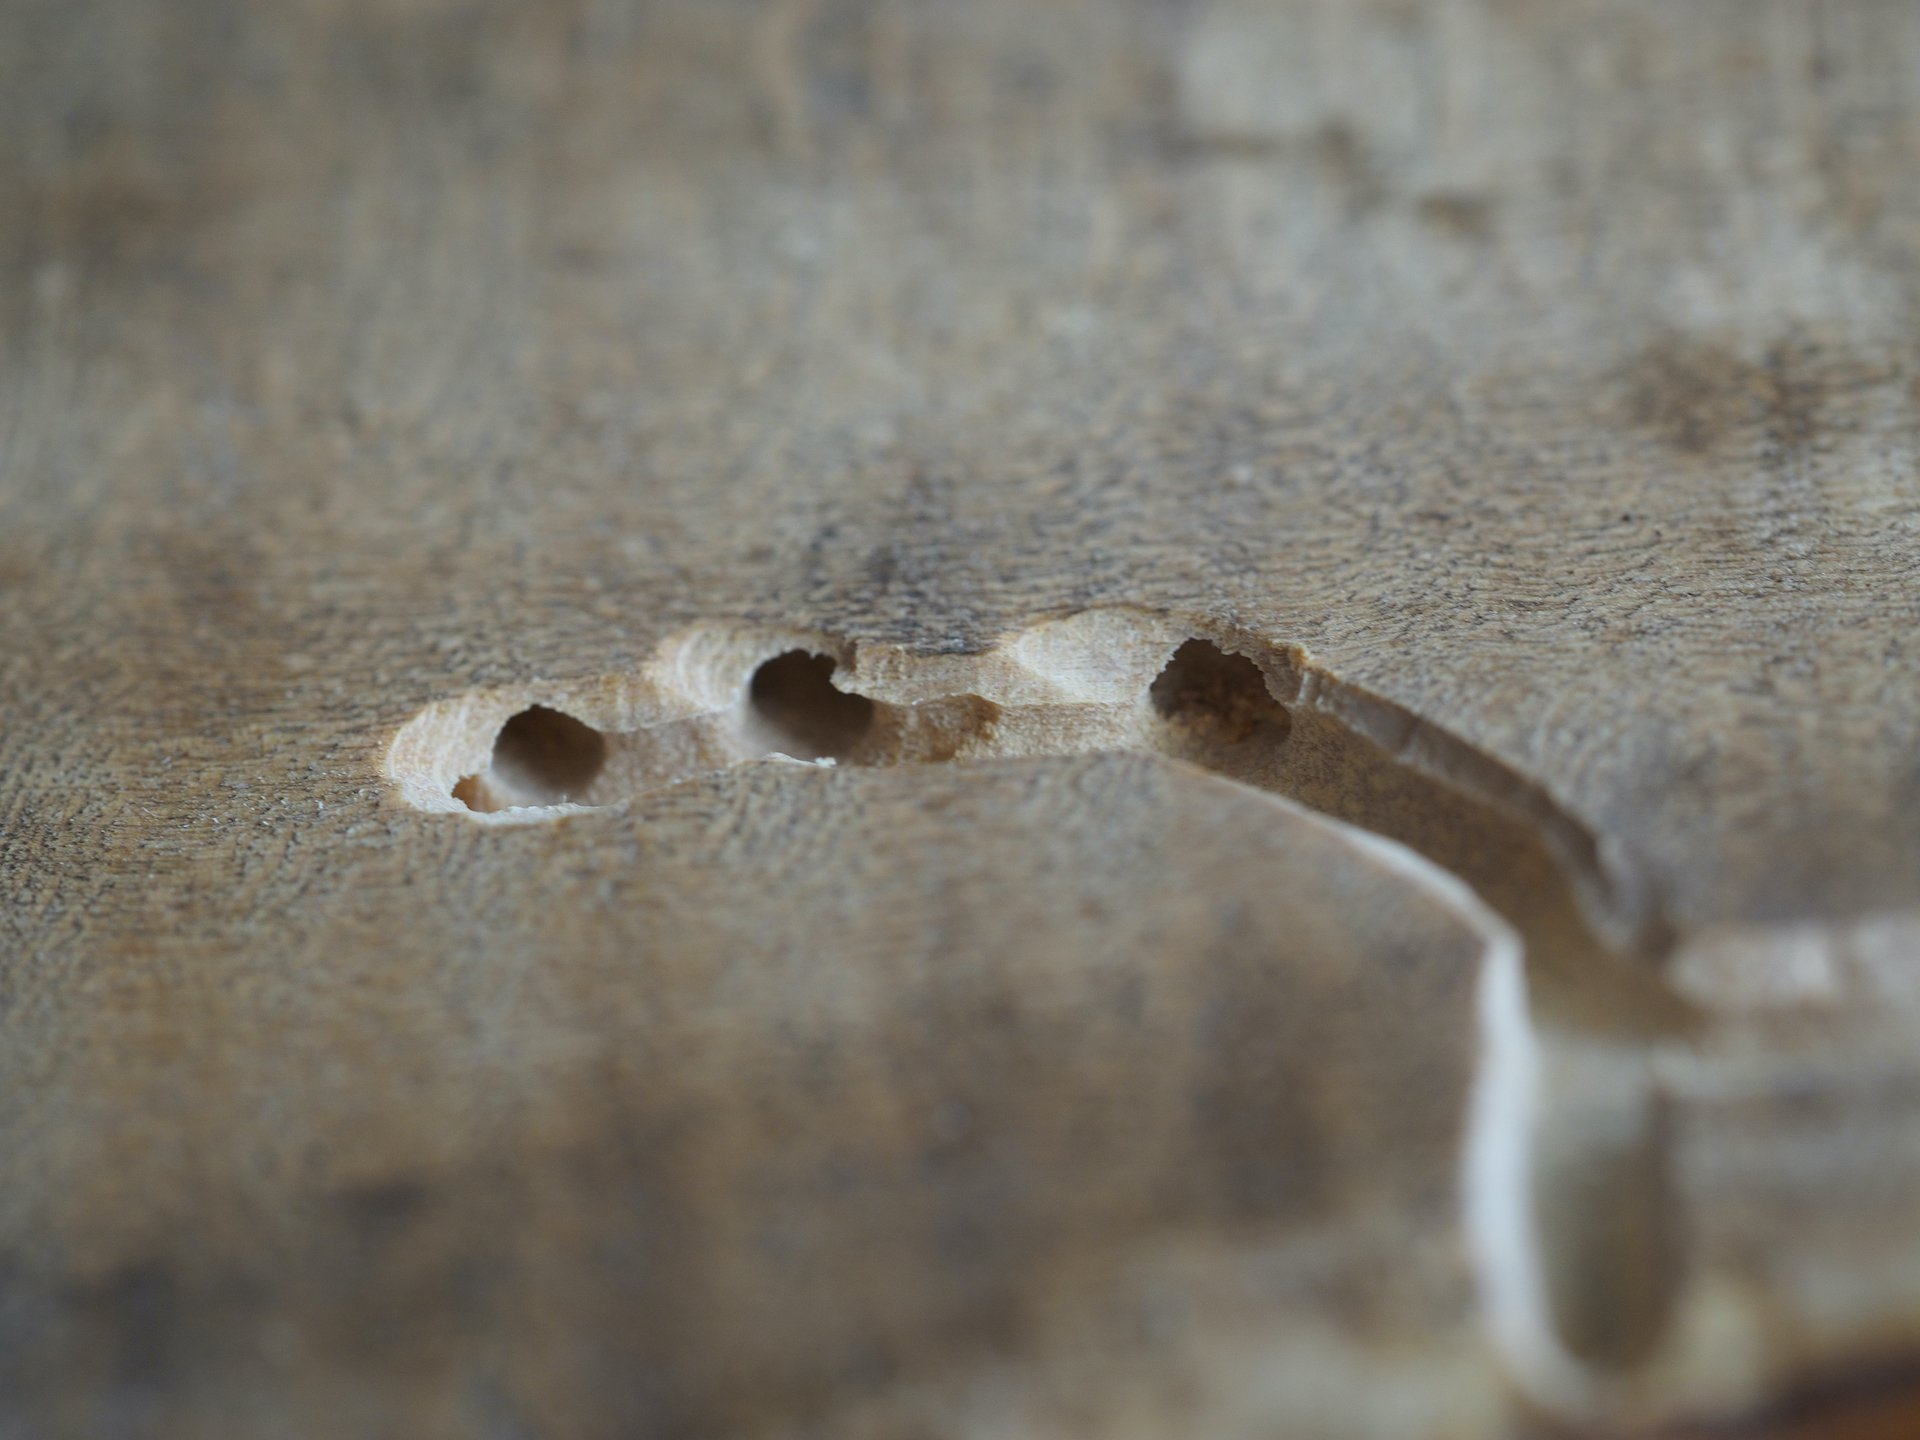 Die Wurmgänge bilden ein richtiges Labyrinth